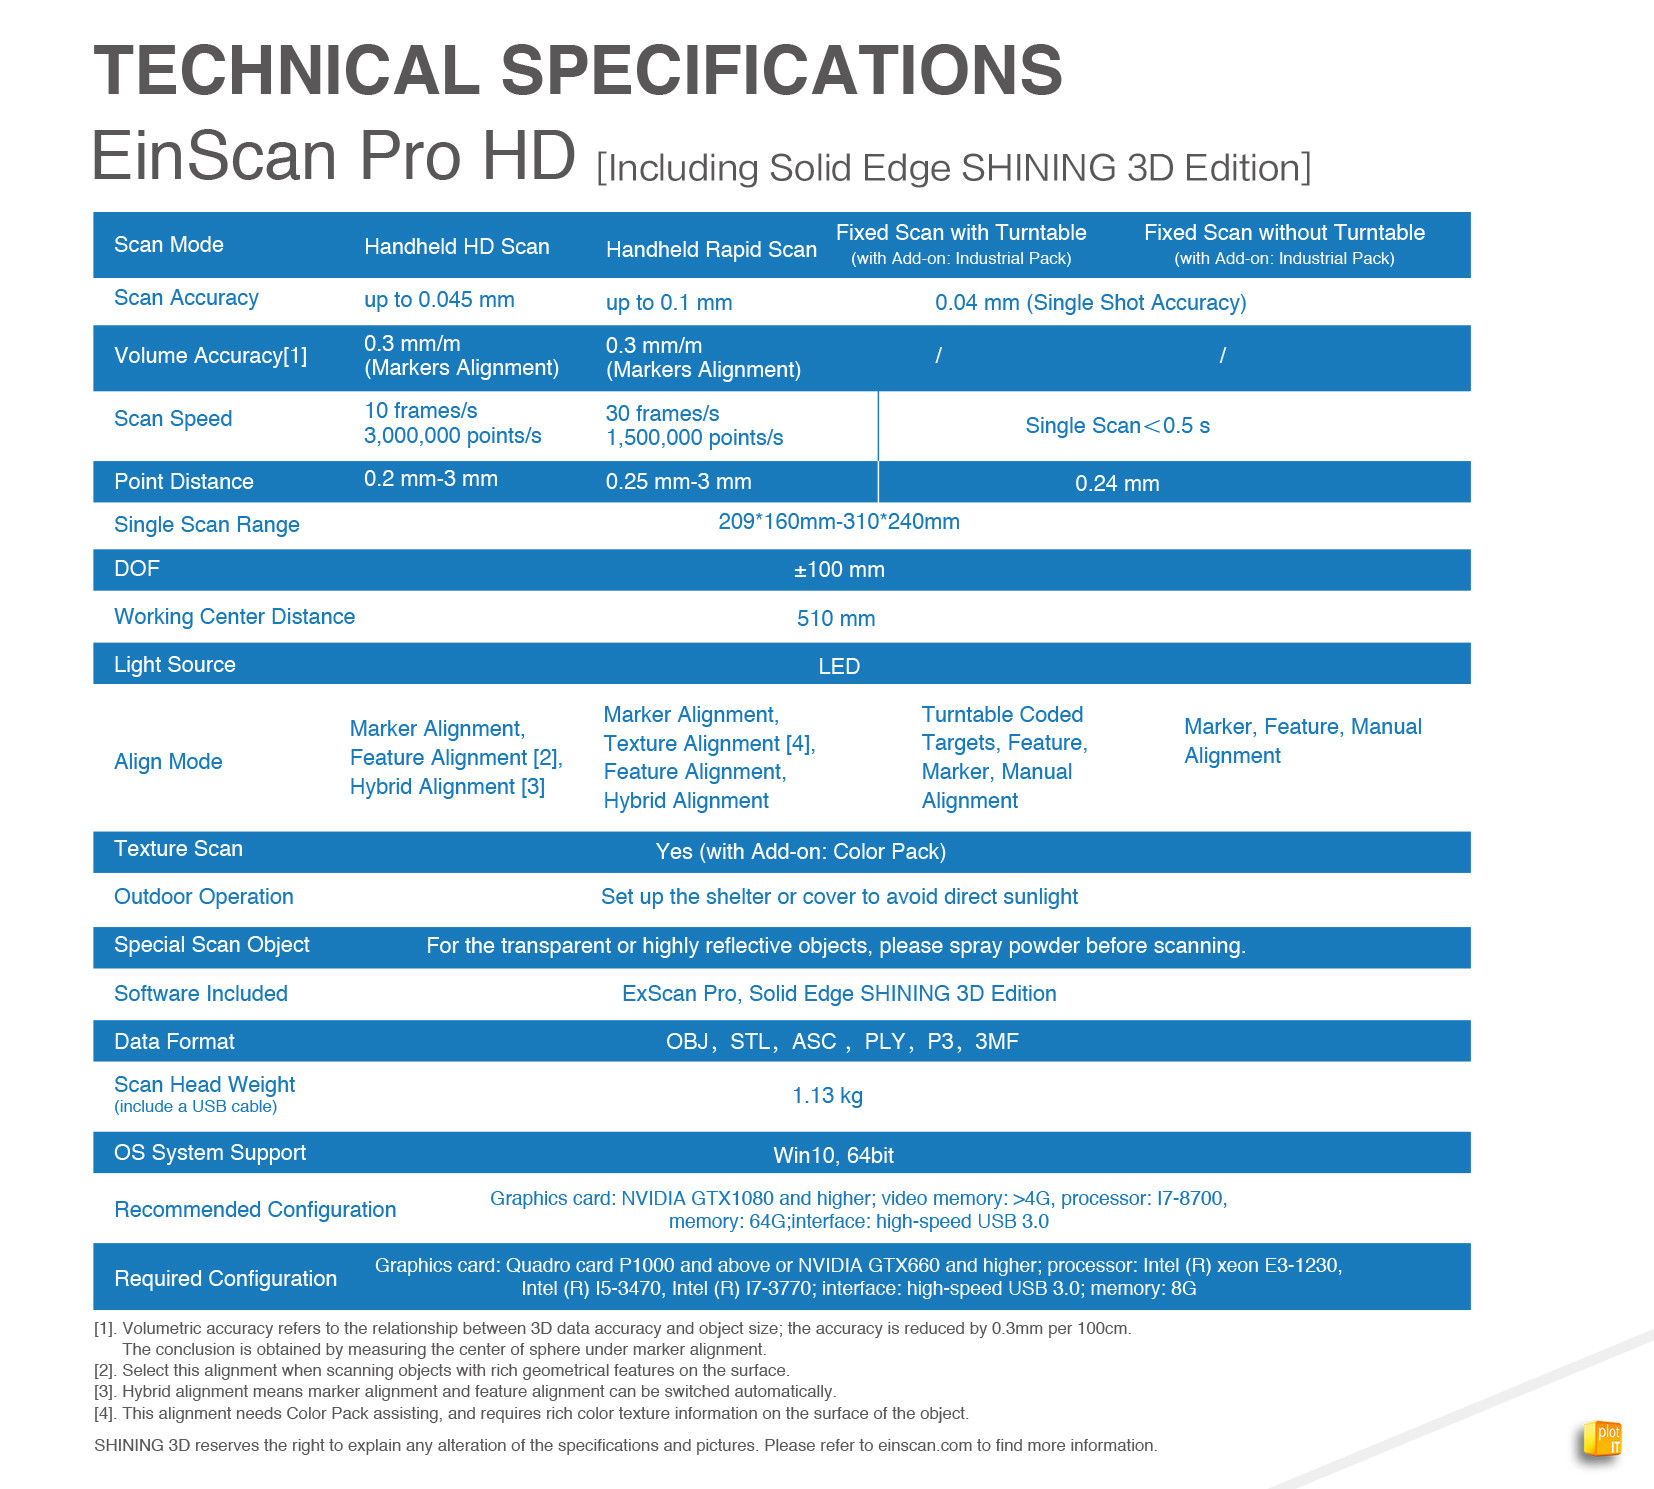 EinScan Pro HDs Series TECH SPECS